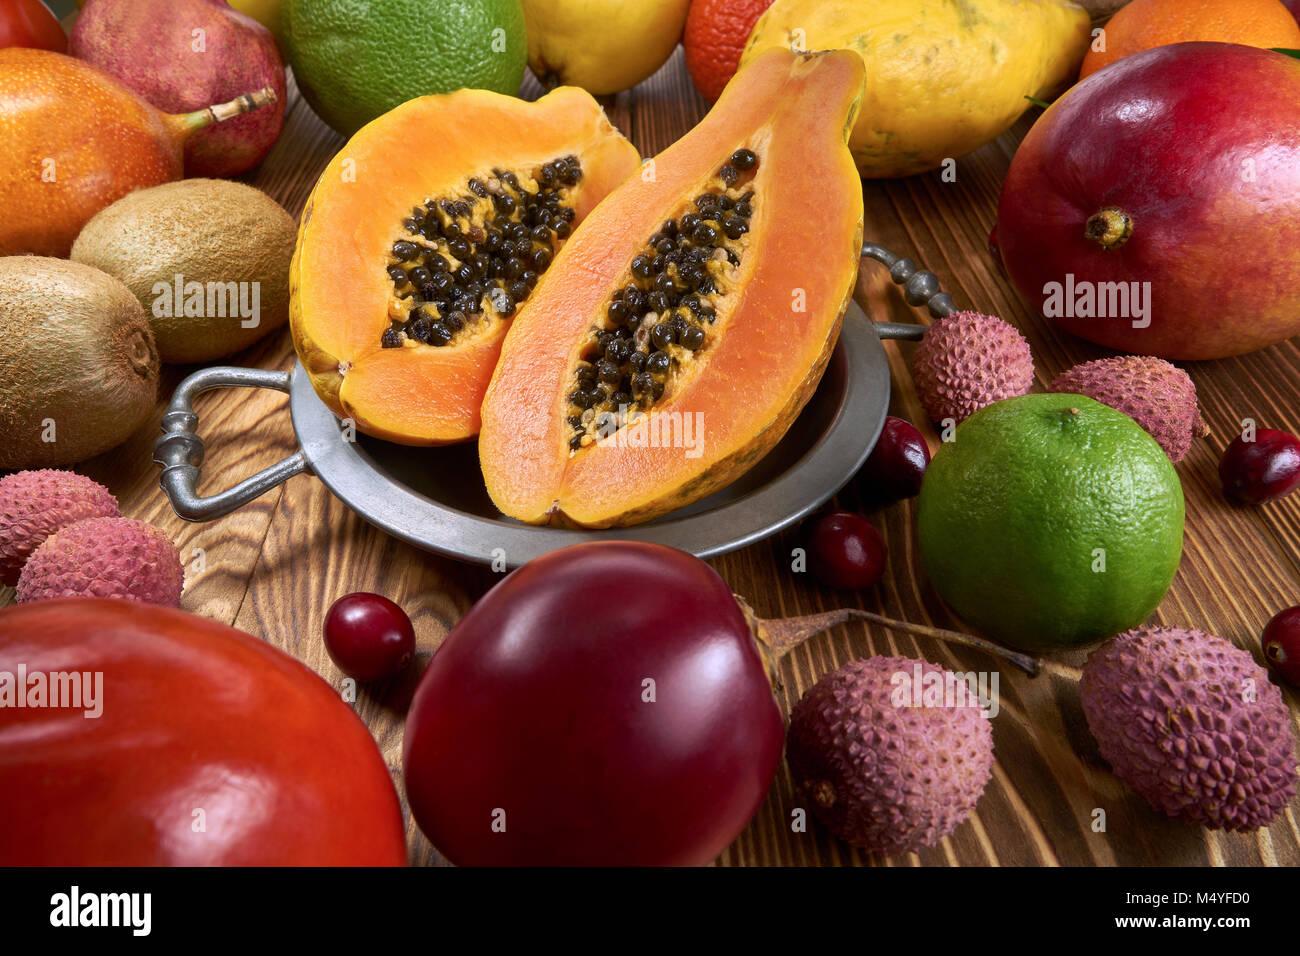 Papaya fruta en un recipiente de estaño, alrededor de un montón de frutos de una especie diferente Imagen De Stock